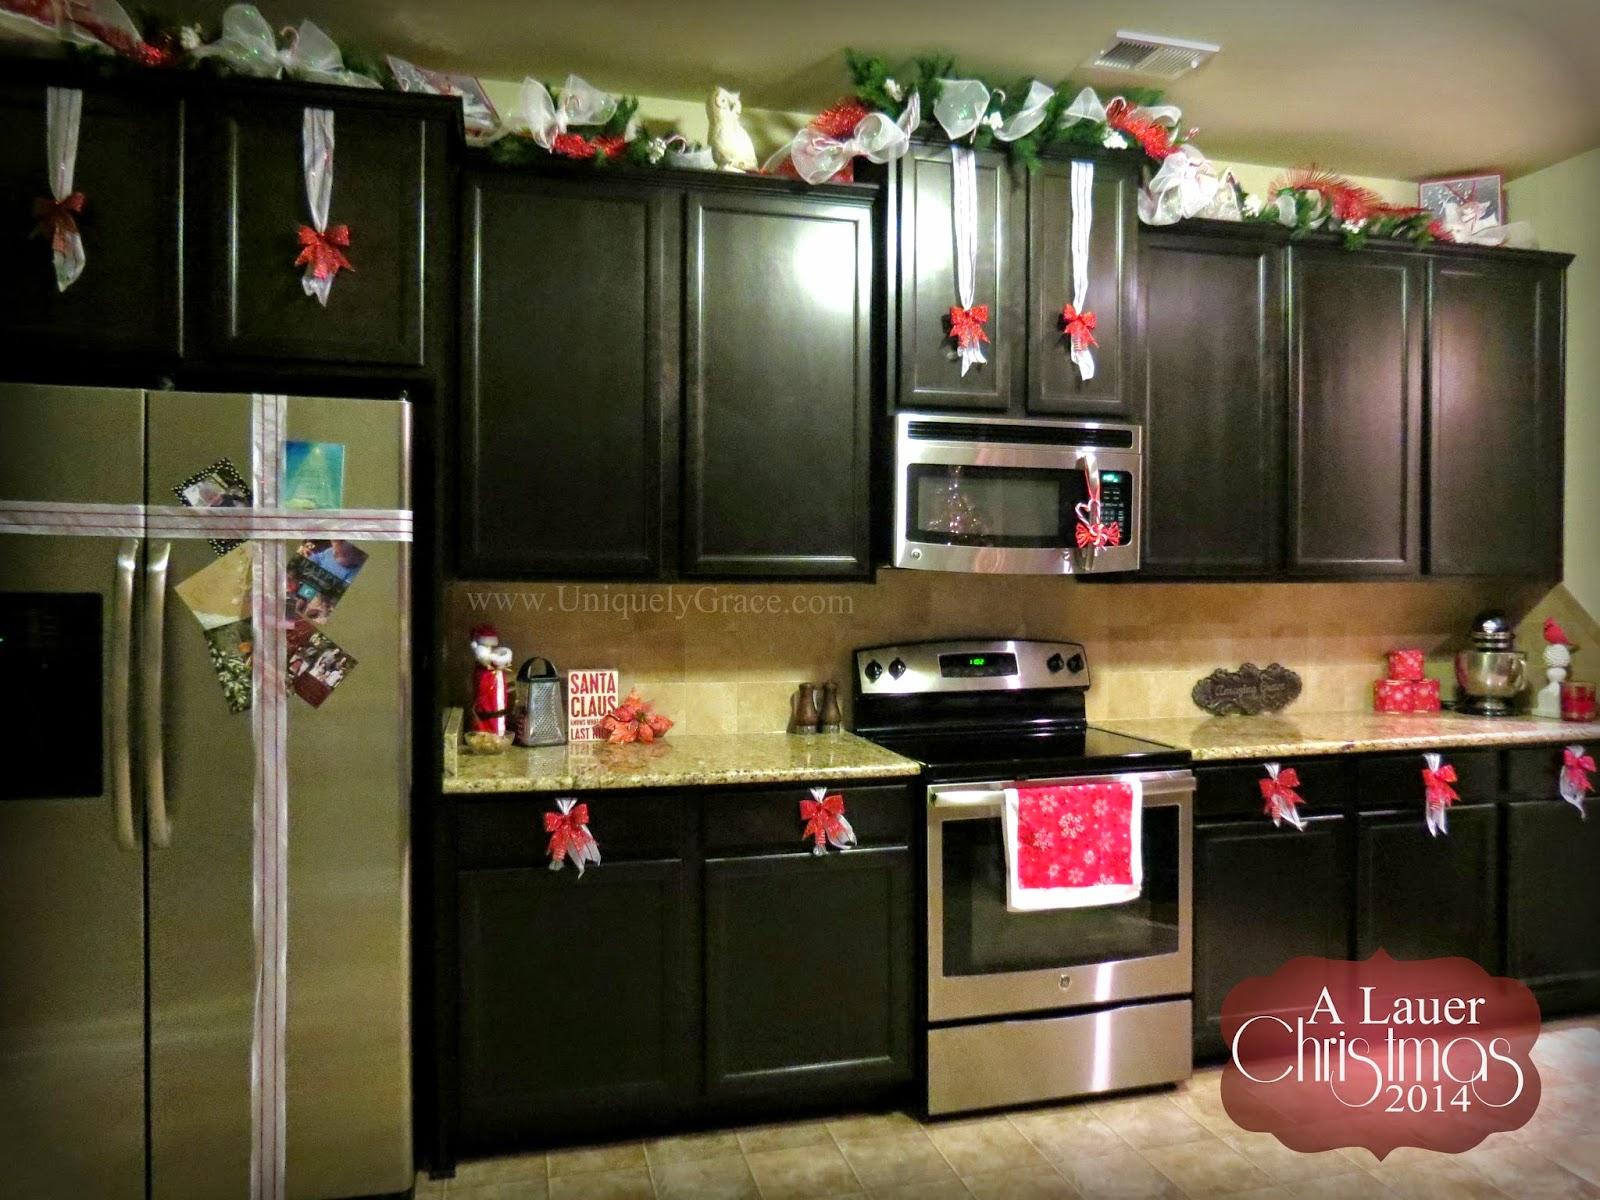 Christmas kitchen ornaments - The Kitchen